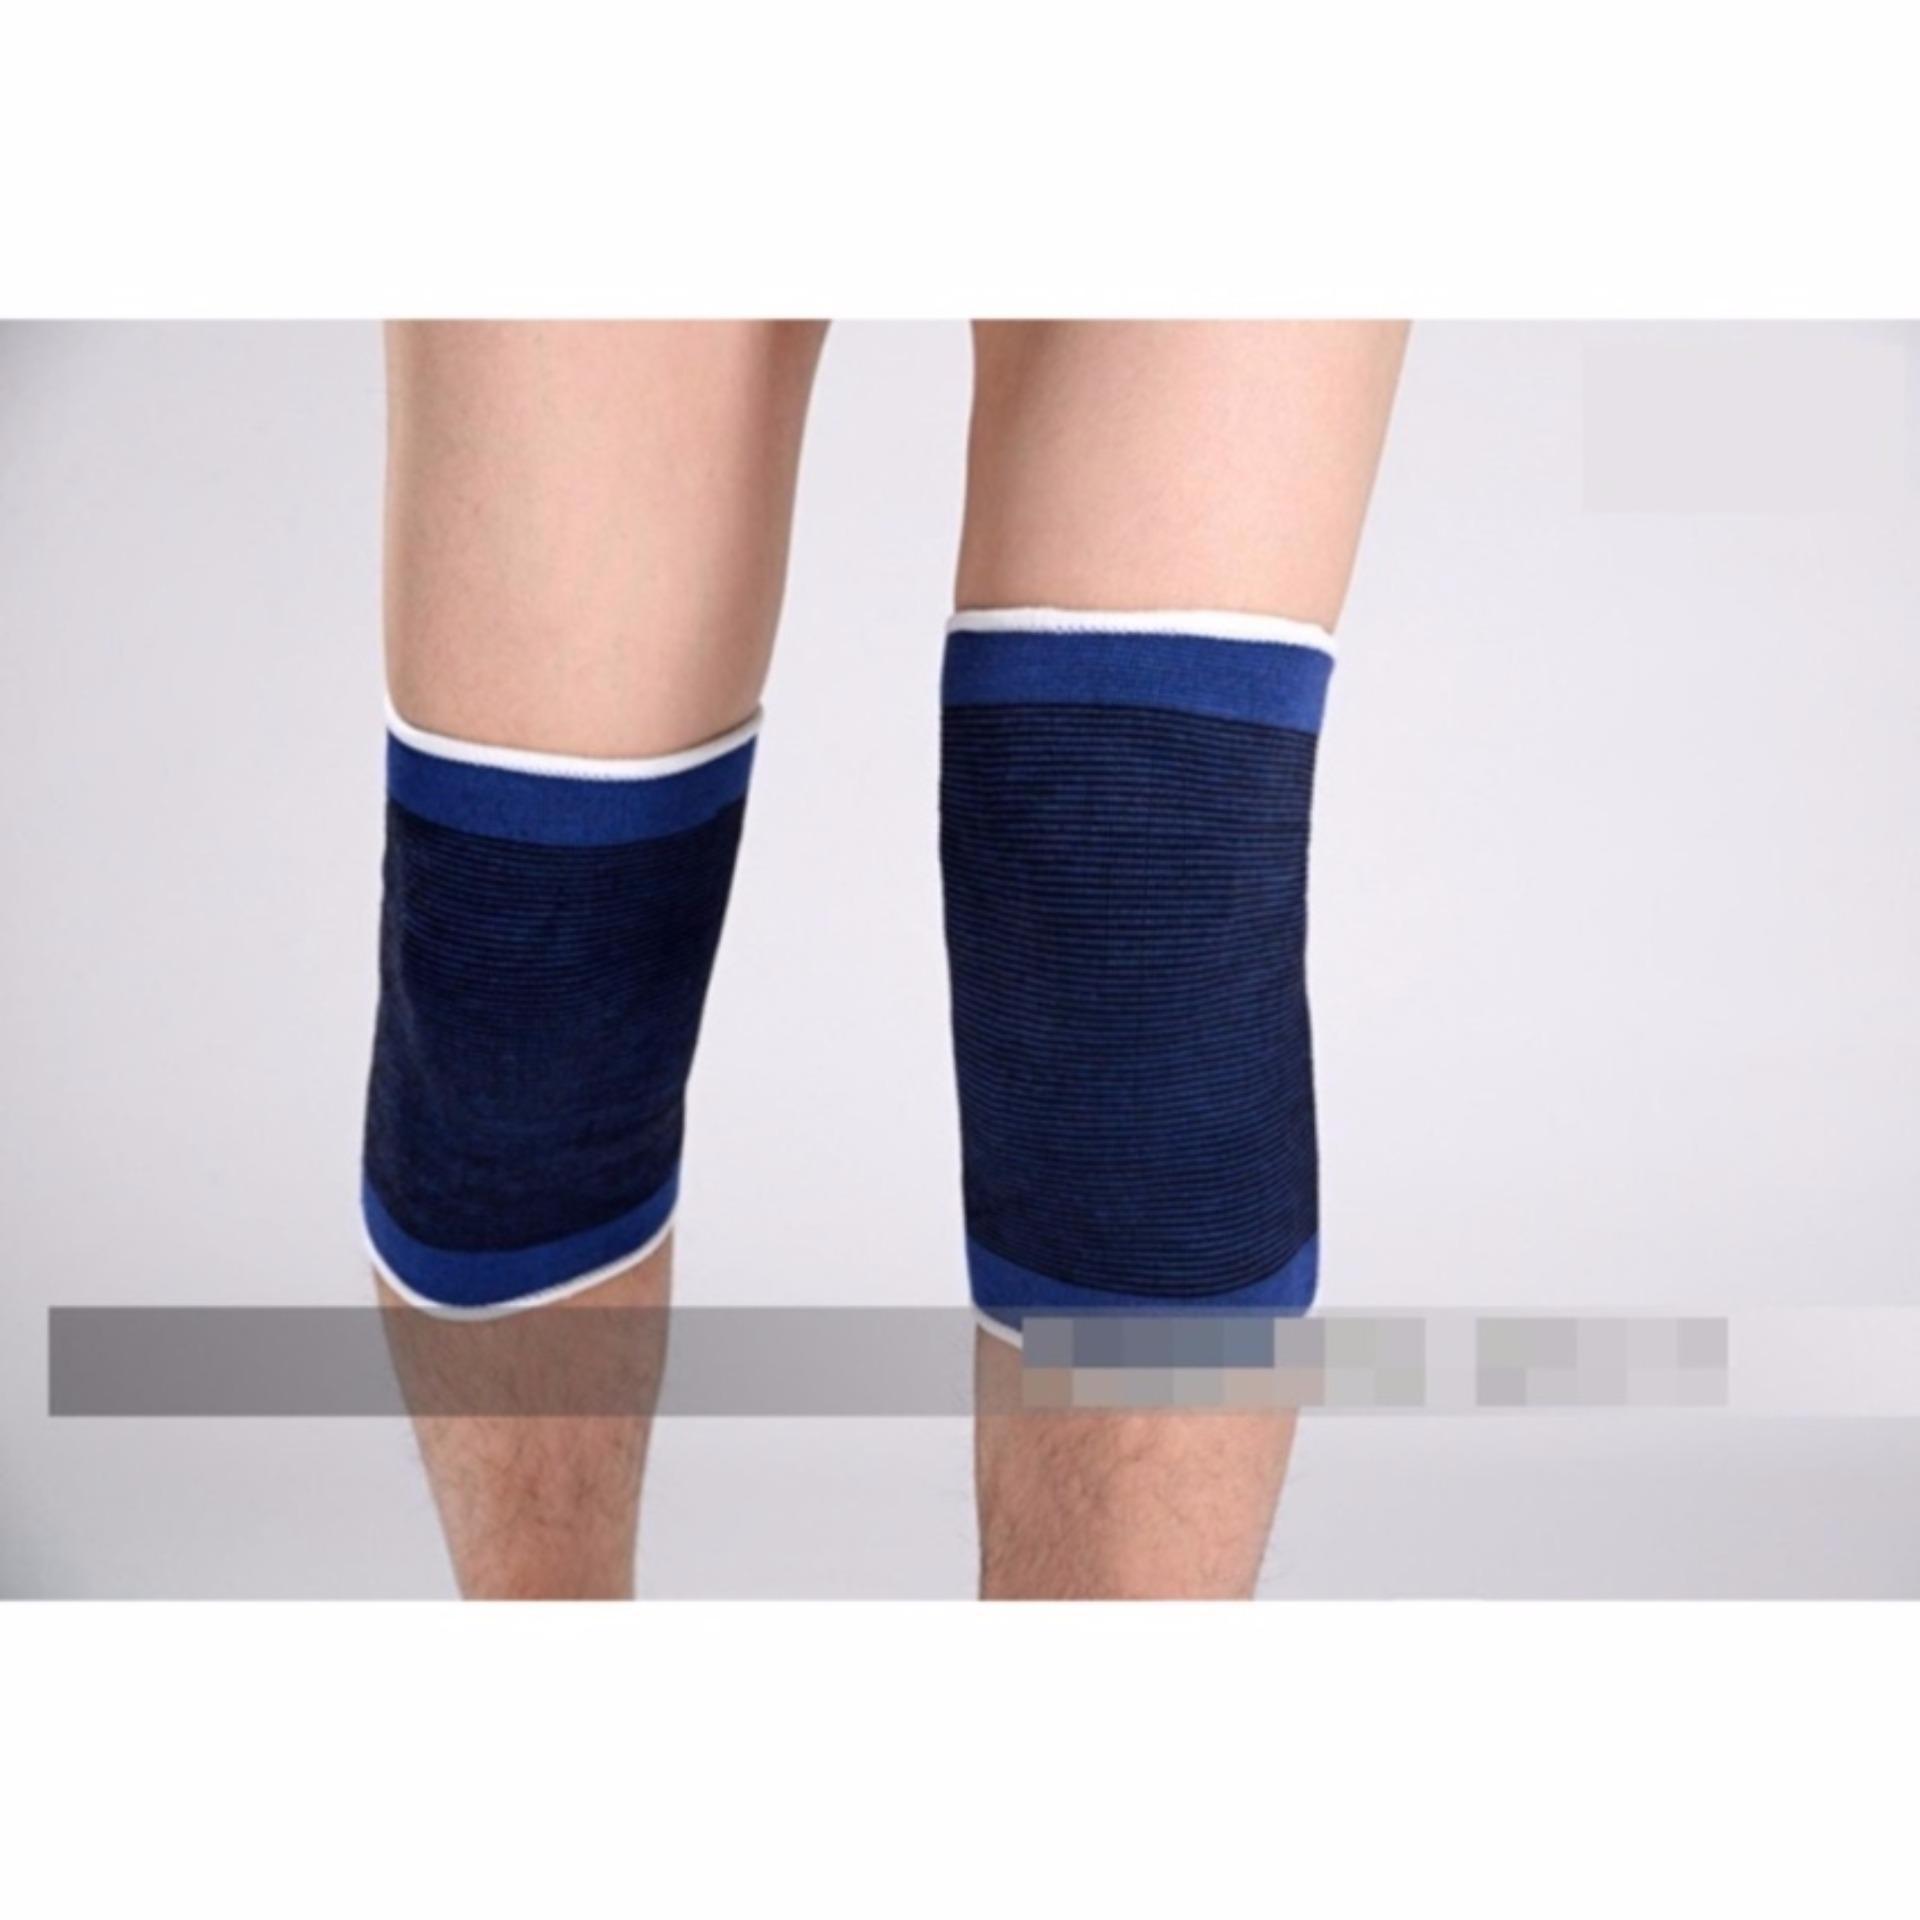 Phụ kiện bảo vệ đầu gối chân cho gym hay các môn thể thao ( 1 sản phẩm )